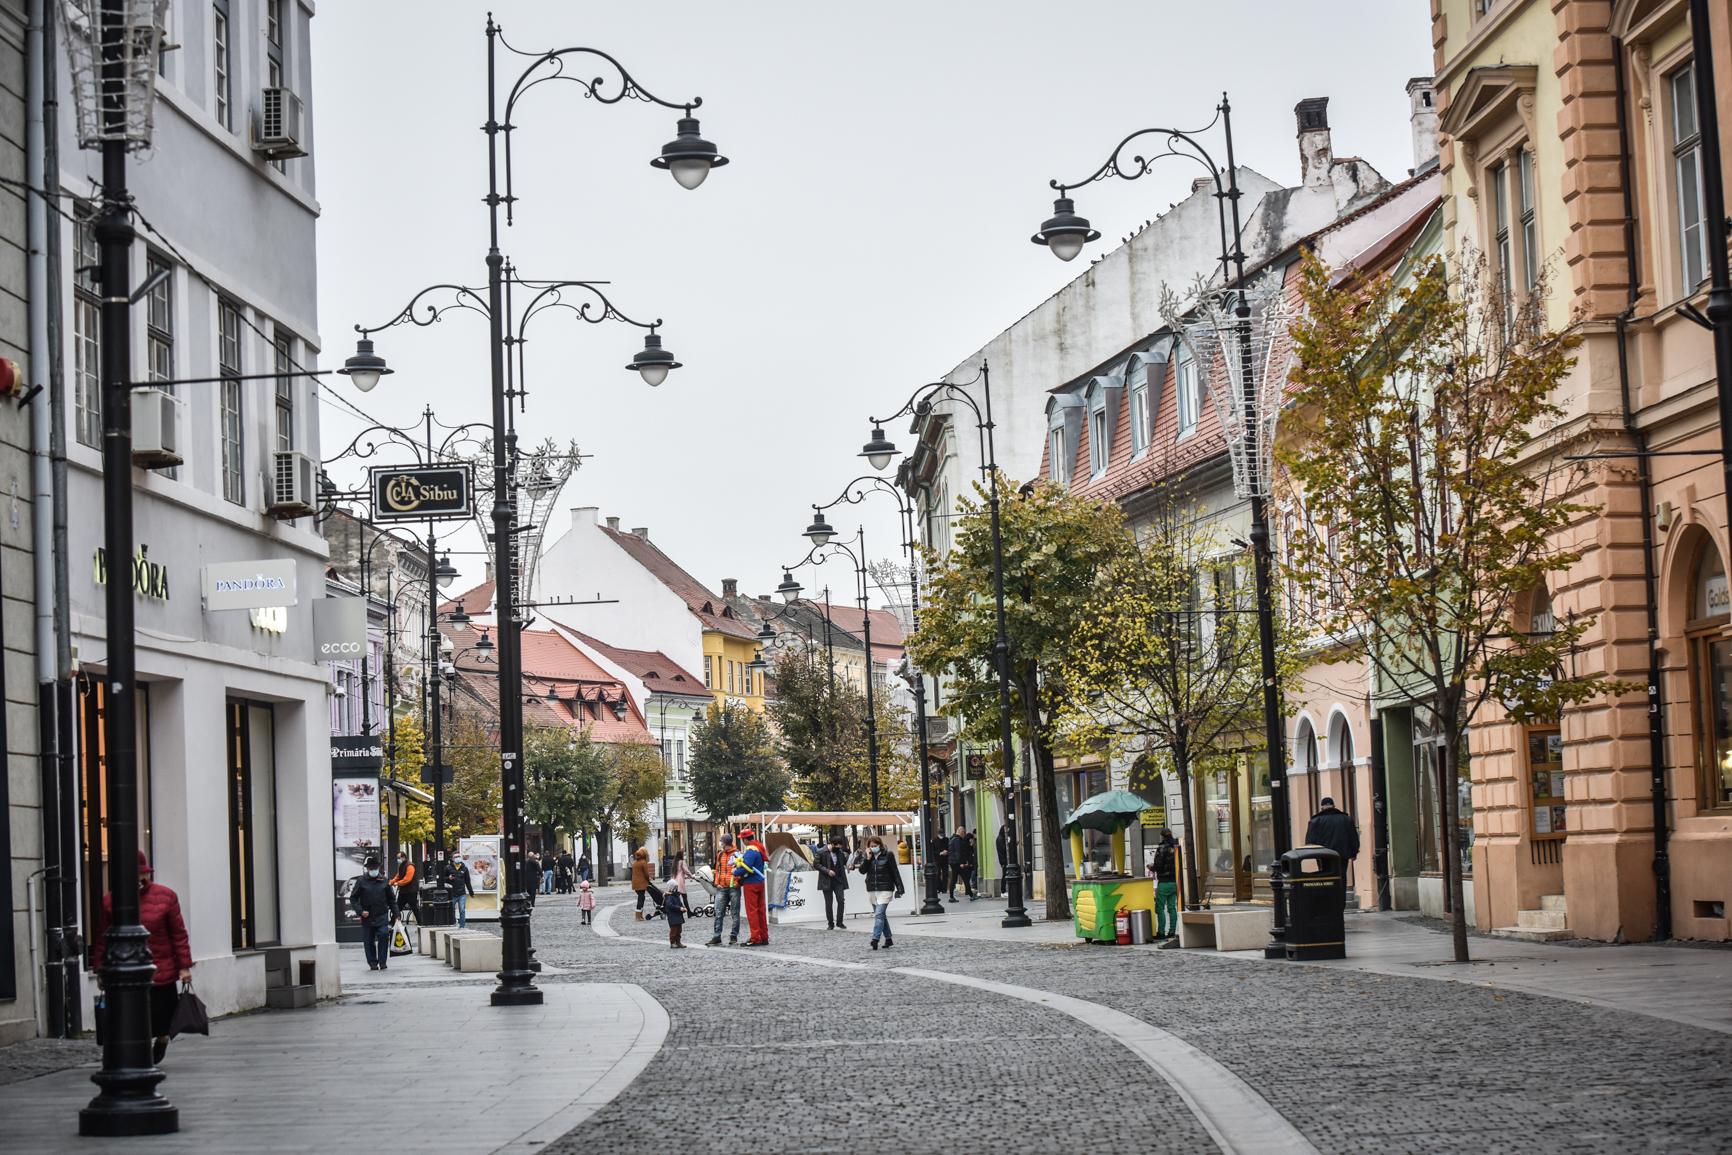 27 focare active în județ. Opt dintre ele sunt în municipiul Sibiu